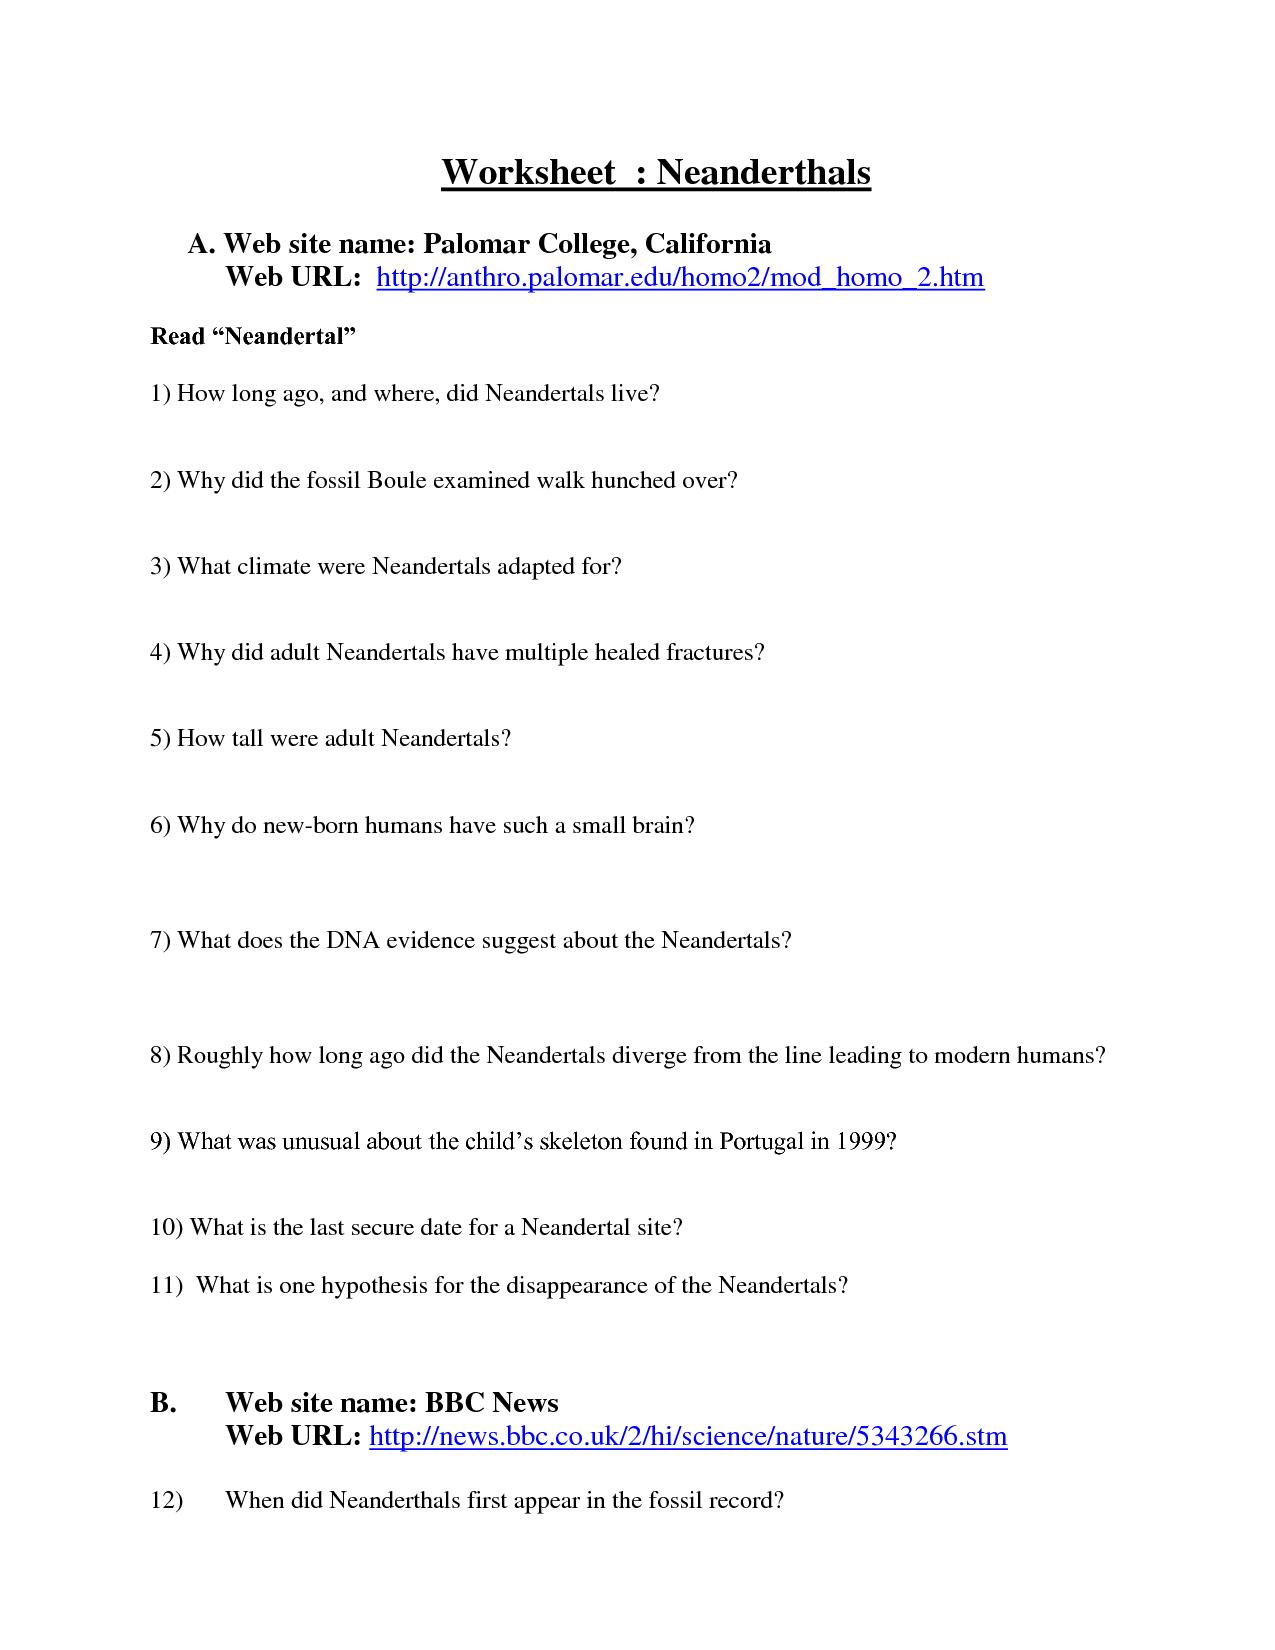 16 Best Images of Evidence Of Evolution Worksheet Answers  Evidence of Evolution Worksheet